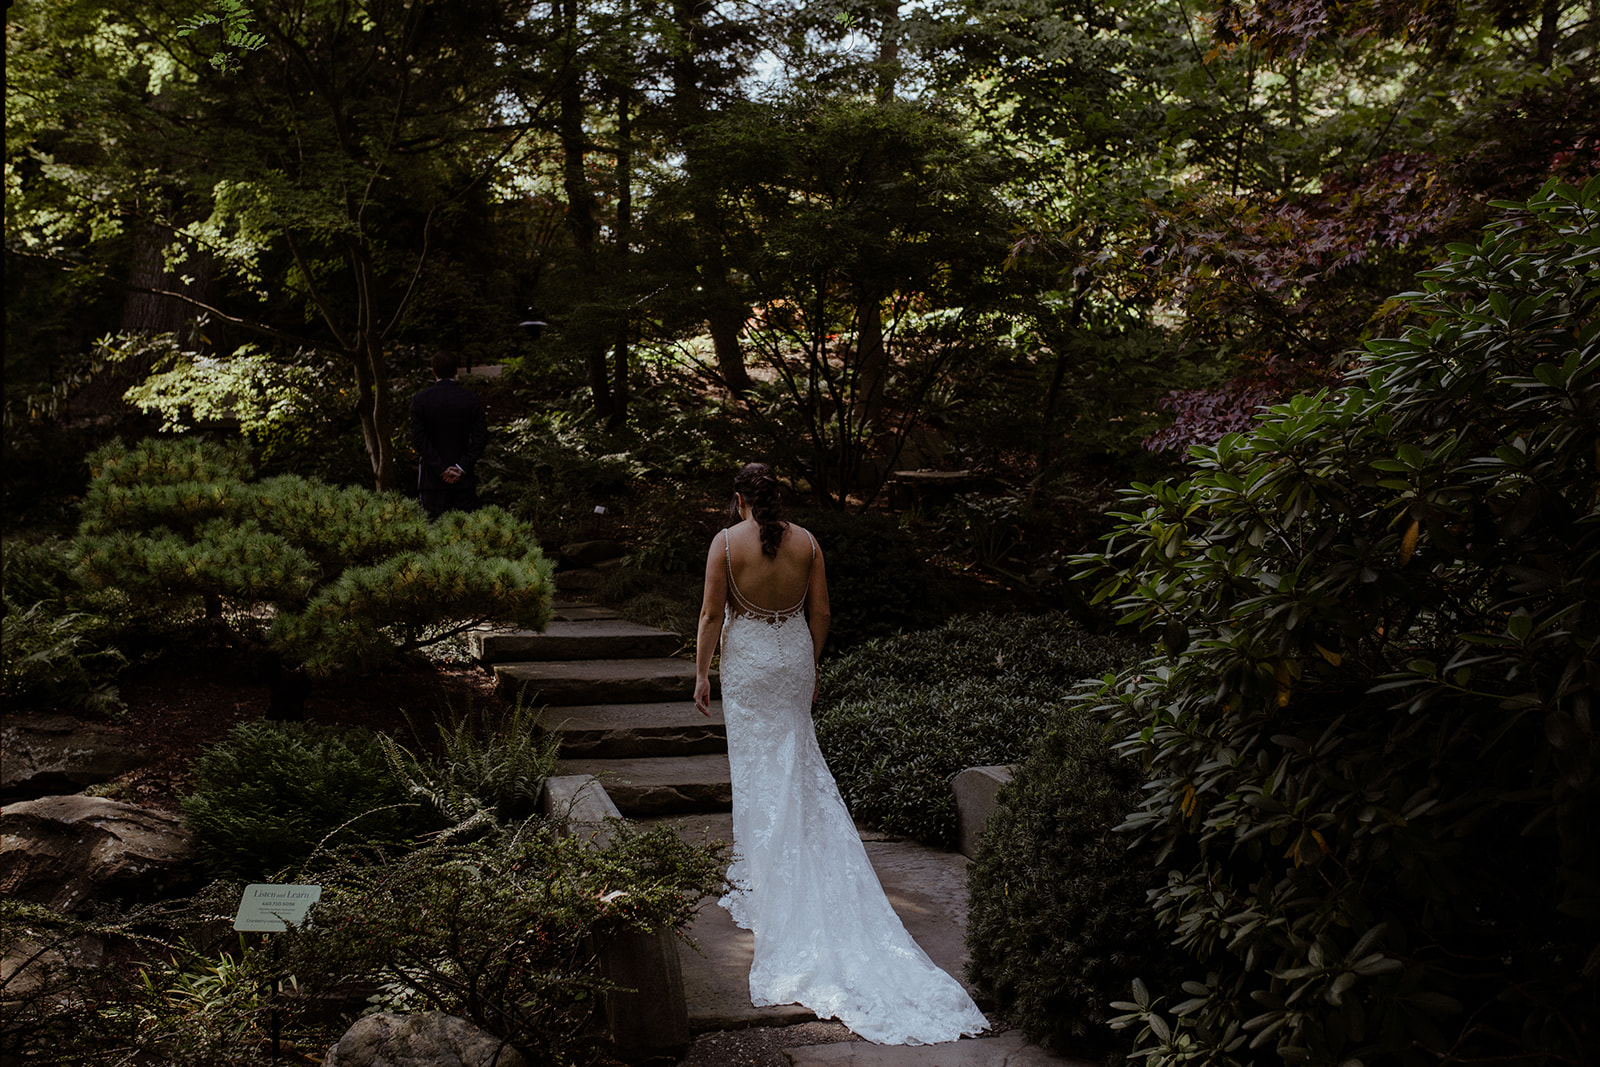 cleveland botanical garden wedding - chris + katie 83